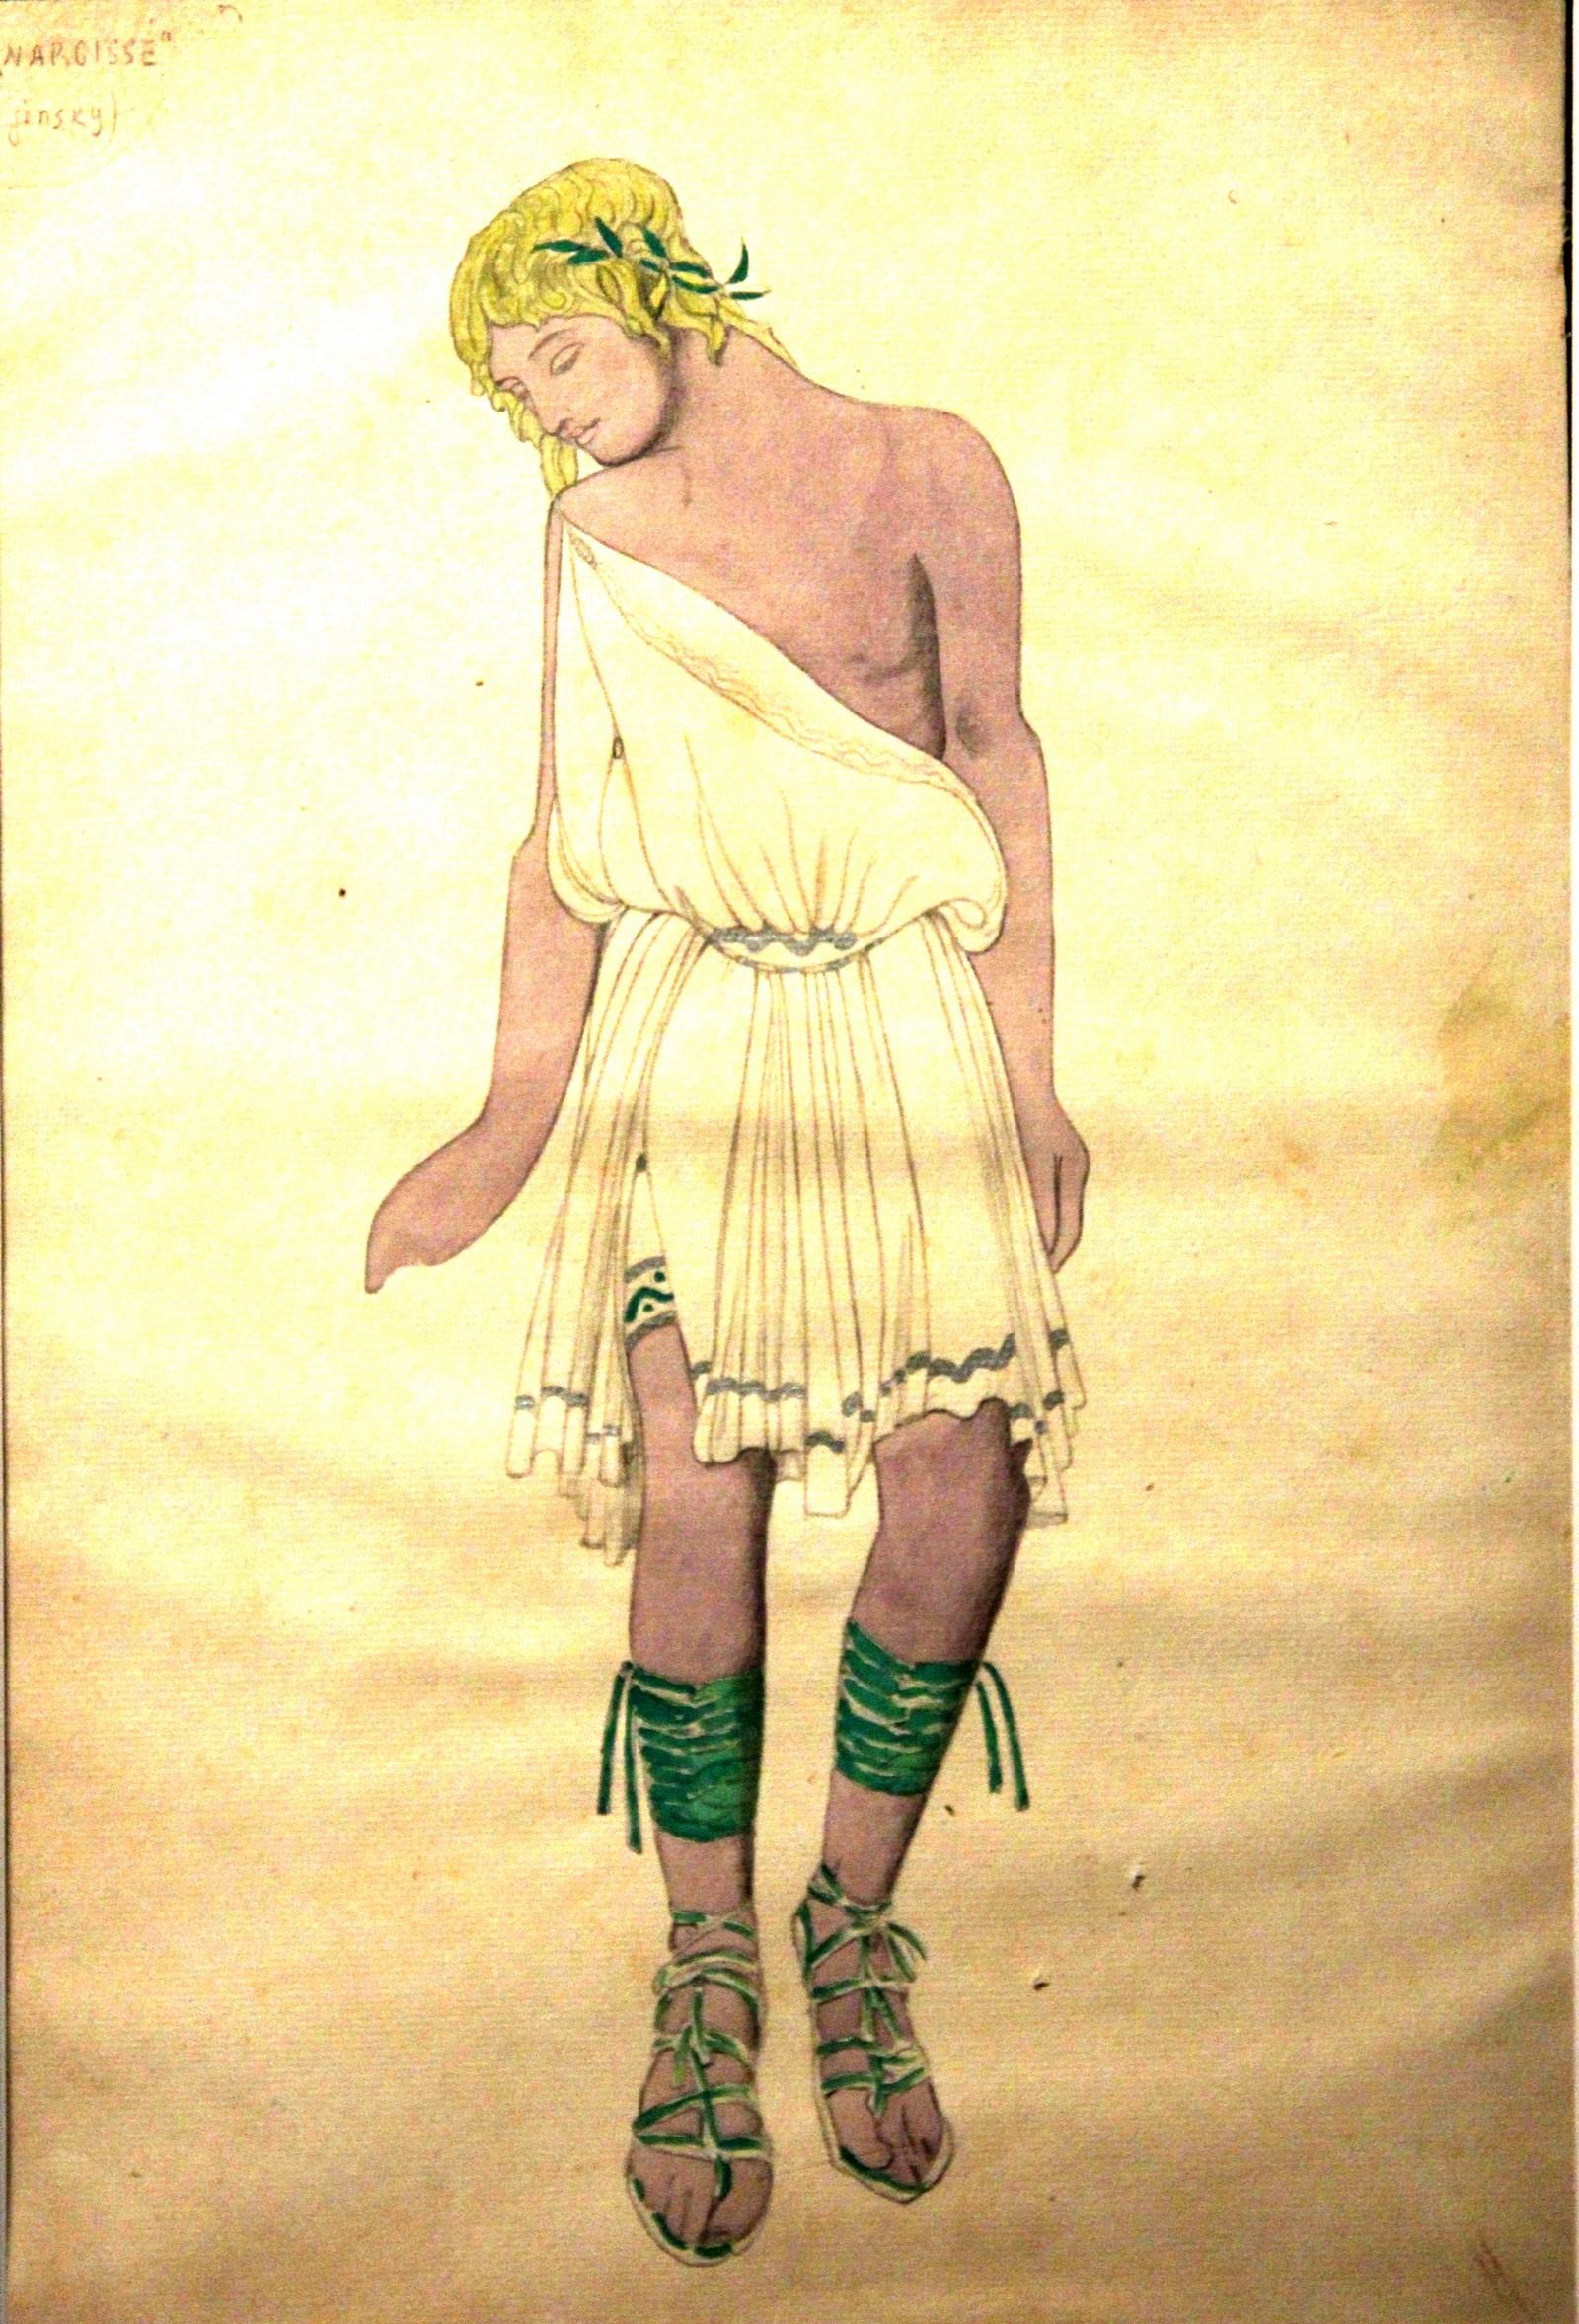 ����� ���. 1866-1924.����� ������� �������� ��� �.�. ���������� � ������ ��������. ����� 1911 ������ �� �������, ��������, ��������, ���������� ������ �������� �������: aldusku.livejournal.com